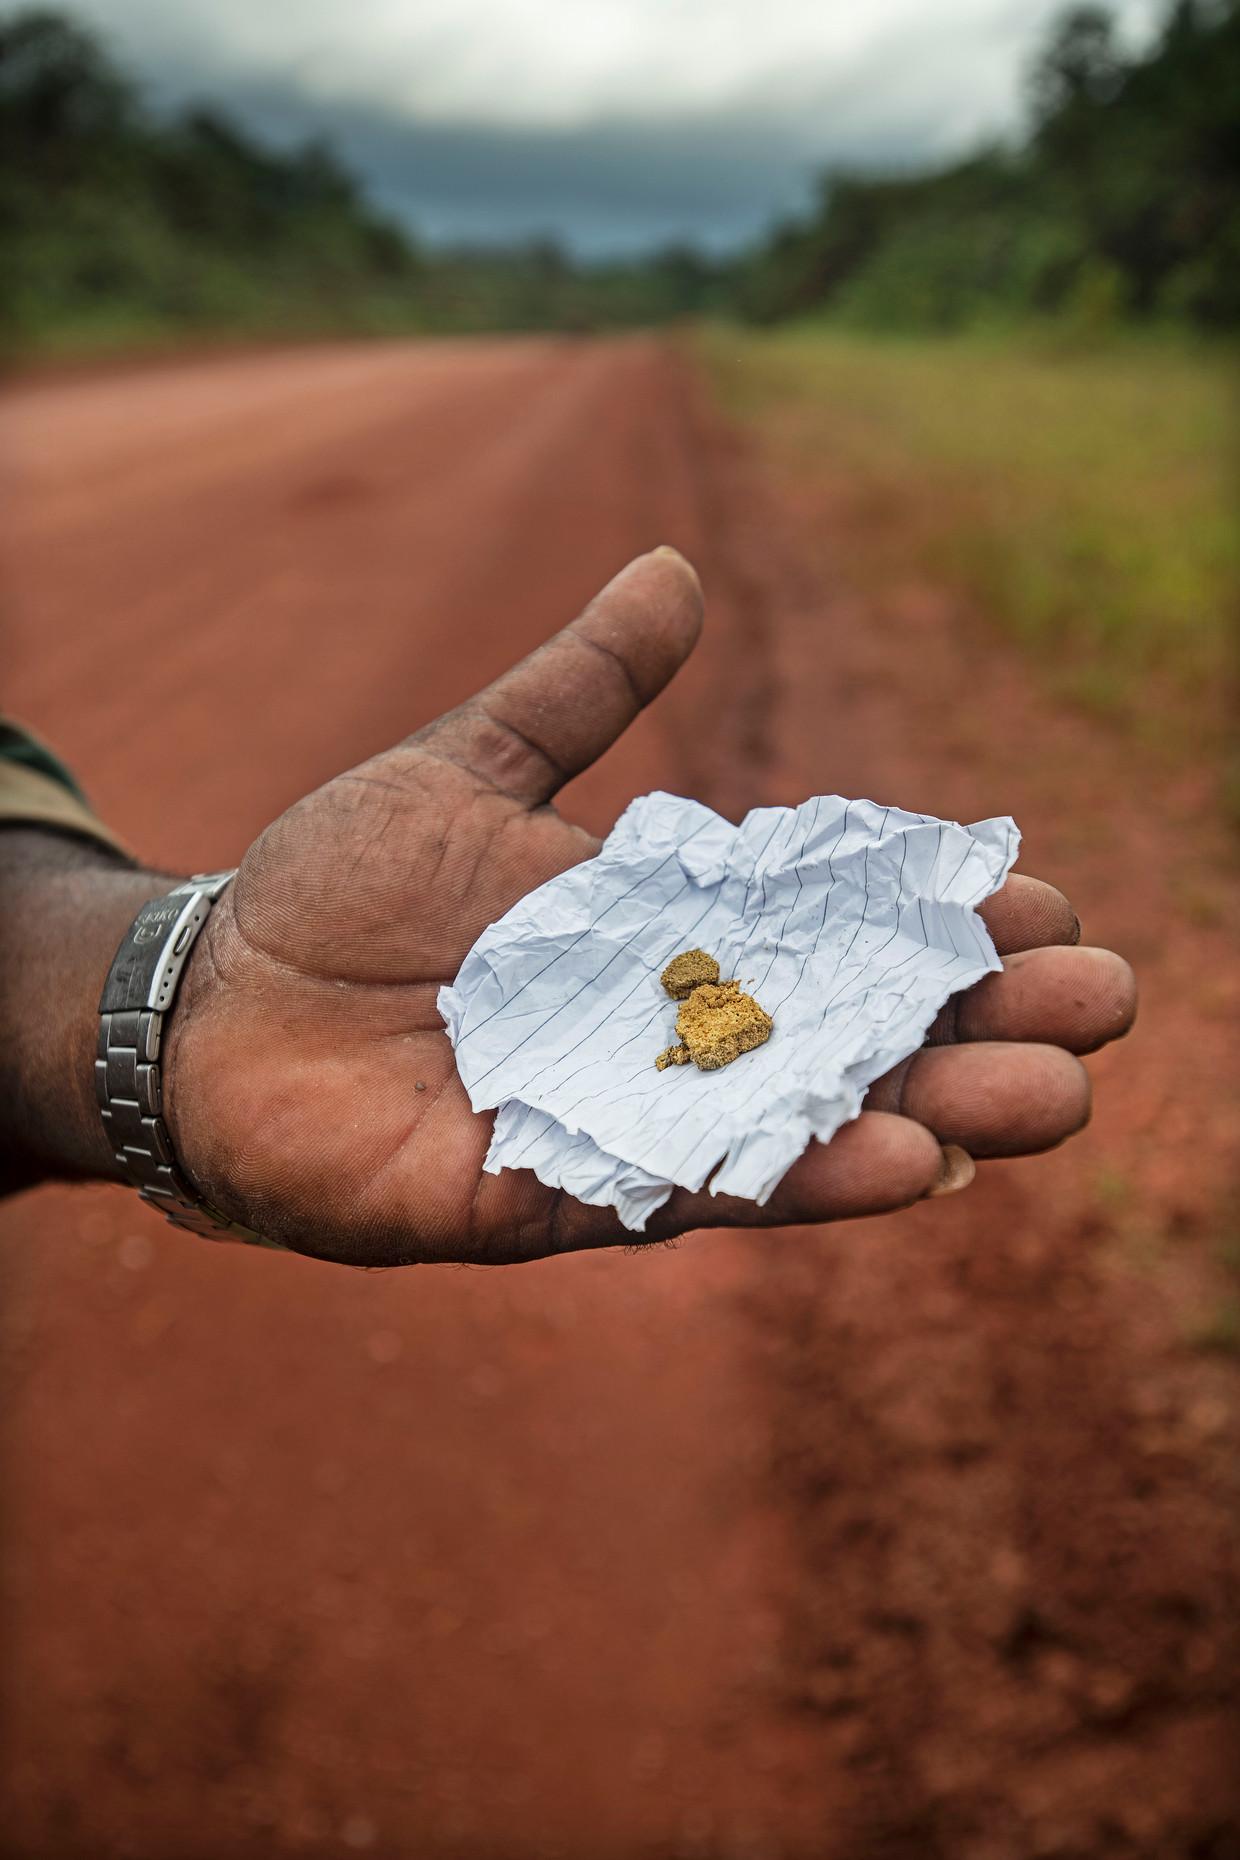 Suriname, Bos Langatabiki,18-6-2018 Bob, chauffeur en manusje van alles  uit Brazilie, laat 5 gram goud zien de palm van zijn hand, met een waarde van ongeveer 500 US dollar.